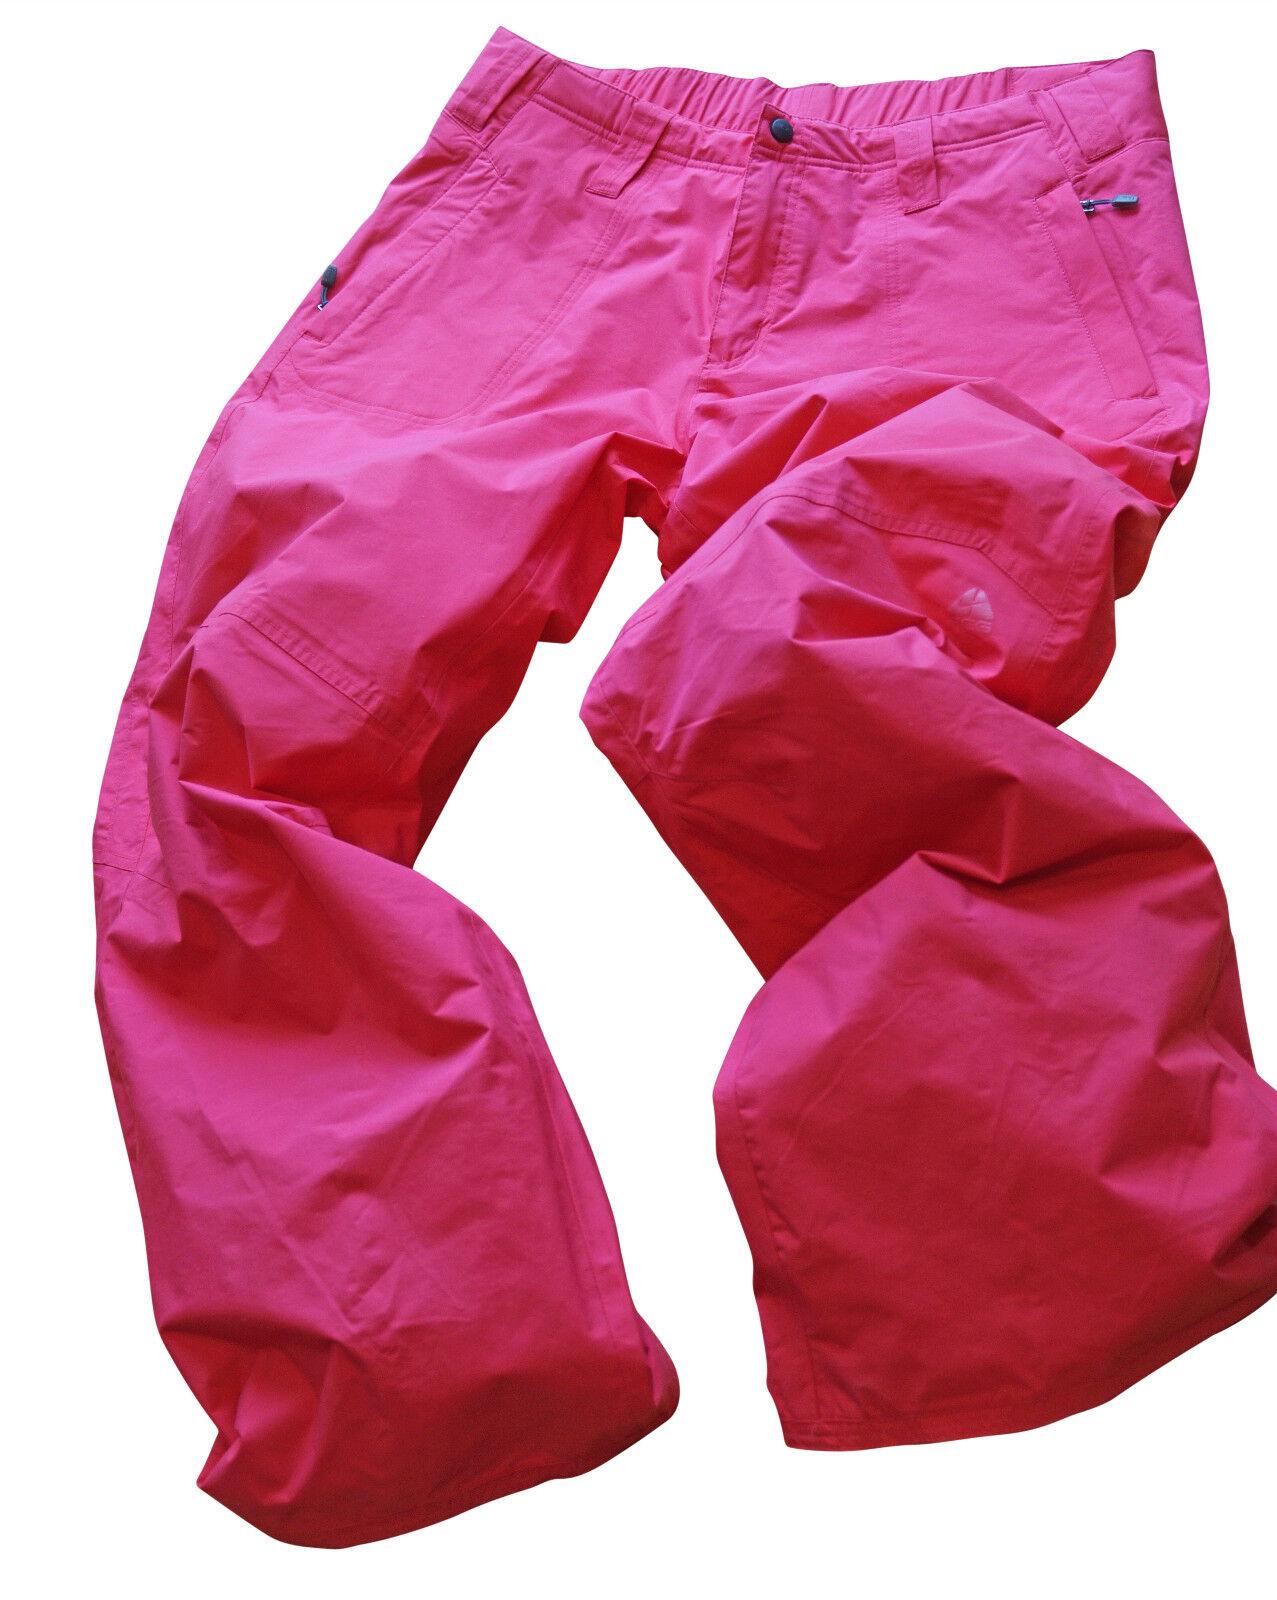 NEW NIKE Womens Ladies ACG STORMFIT ladies Ski Pants Trousers Pink XL